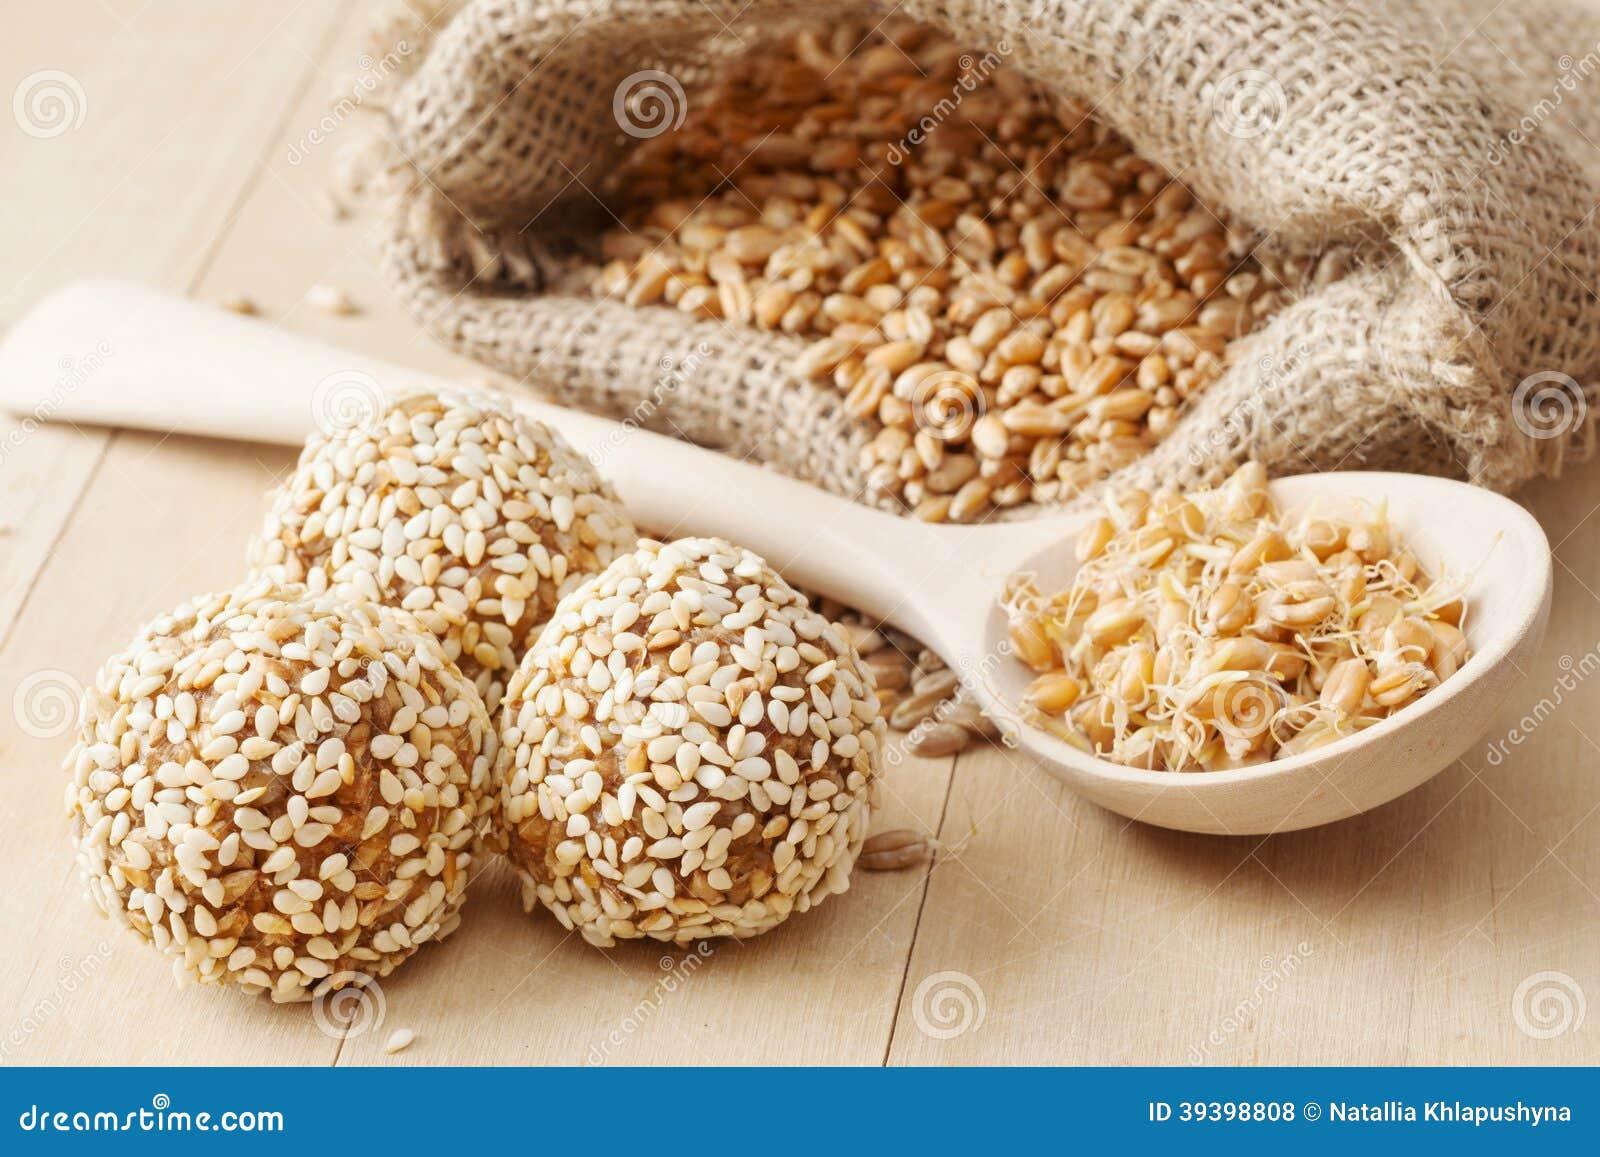 Nourriture saine macrobiotique : boules du blé moulu